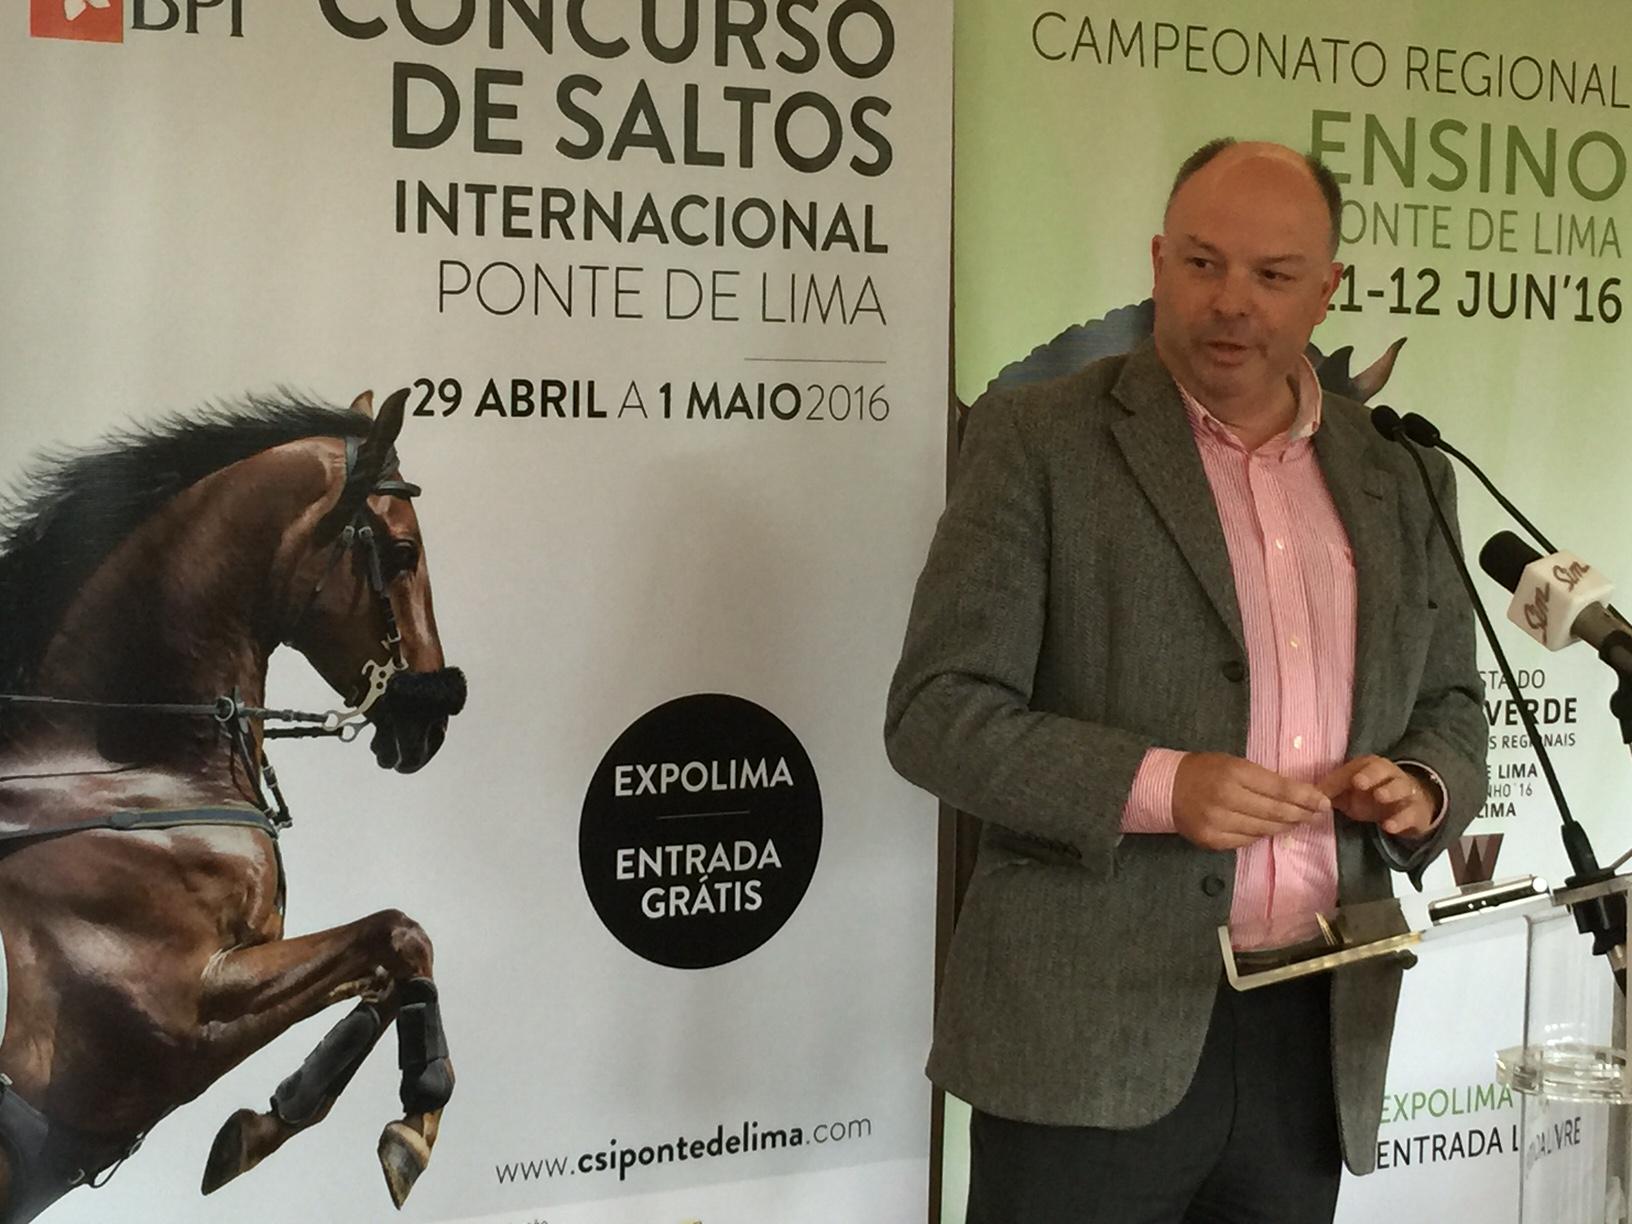 Ponte de Lima quer ter hipódromo com apostas 'online'para se reforçar como destino equestre internacional